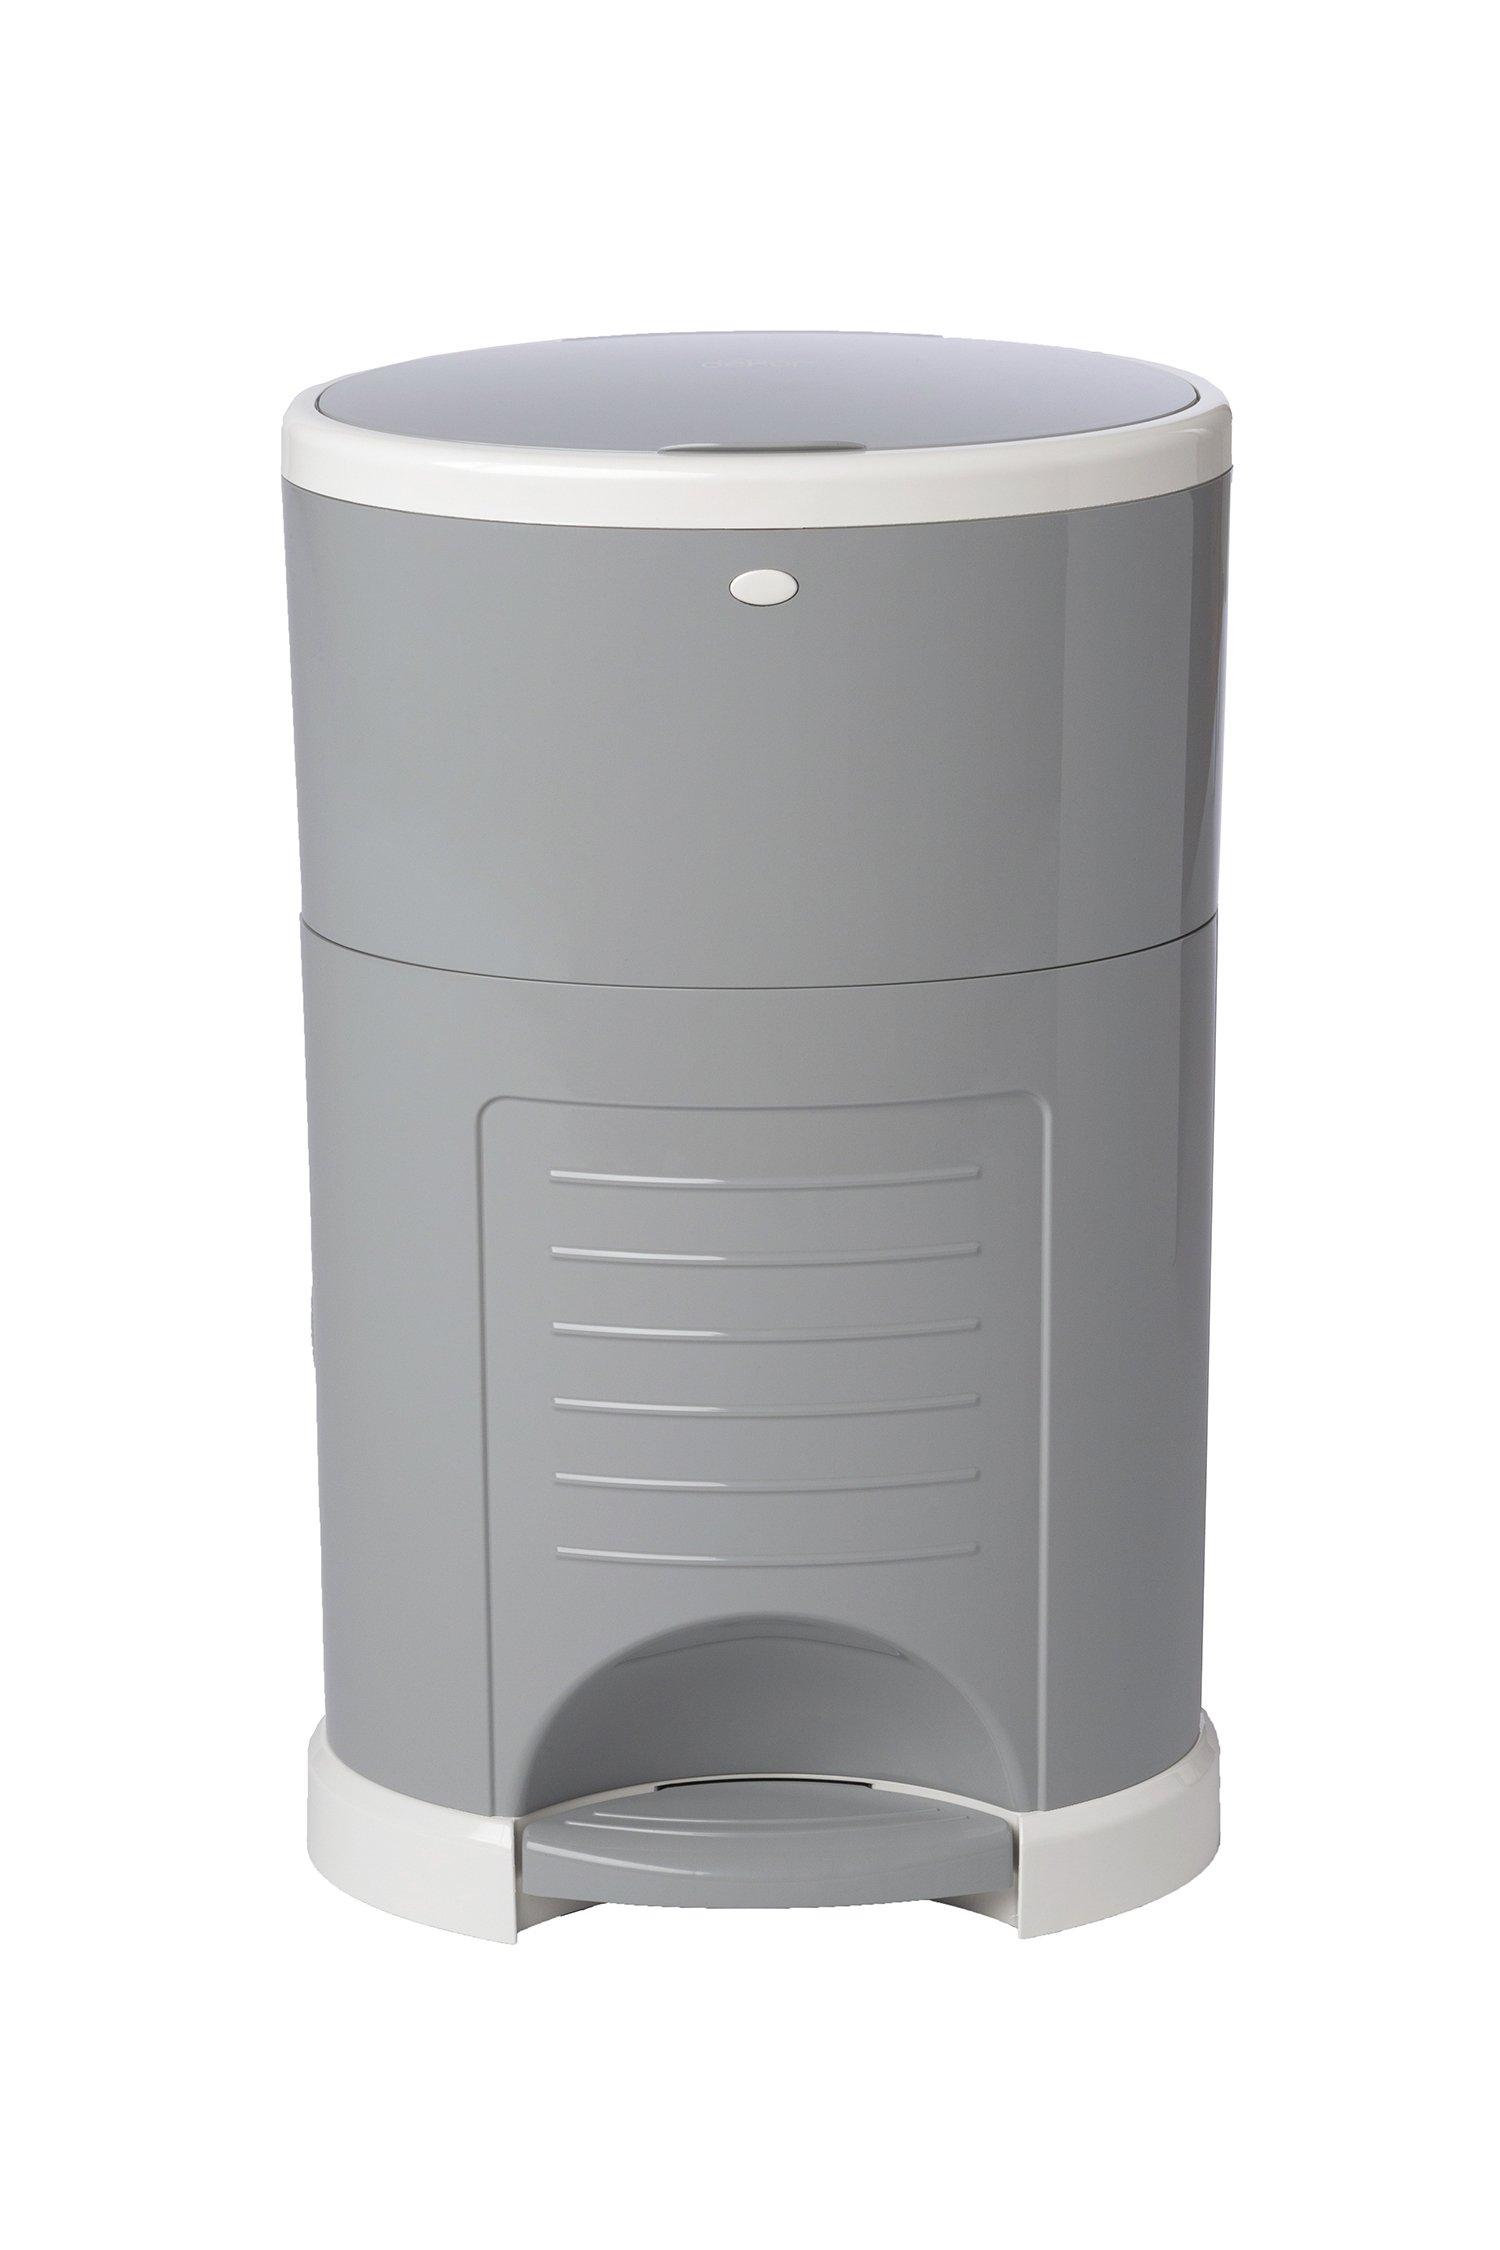 Dekor classic diaper pail refills most for Dekor classic diaper pail refills